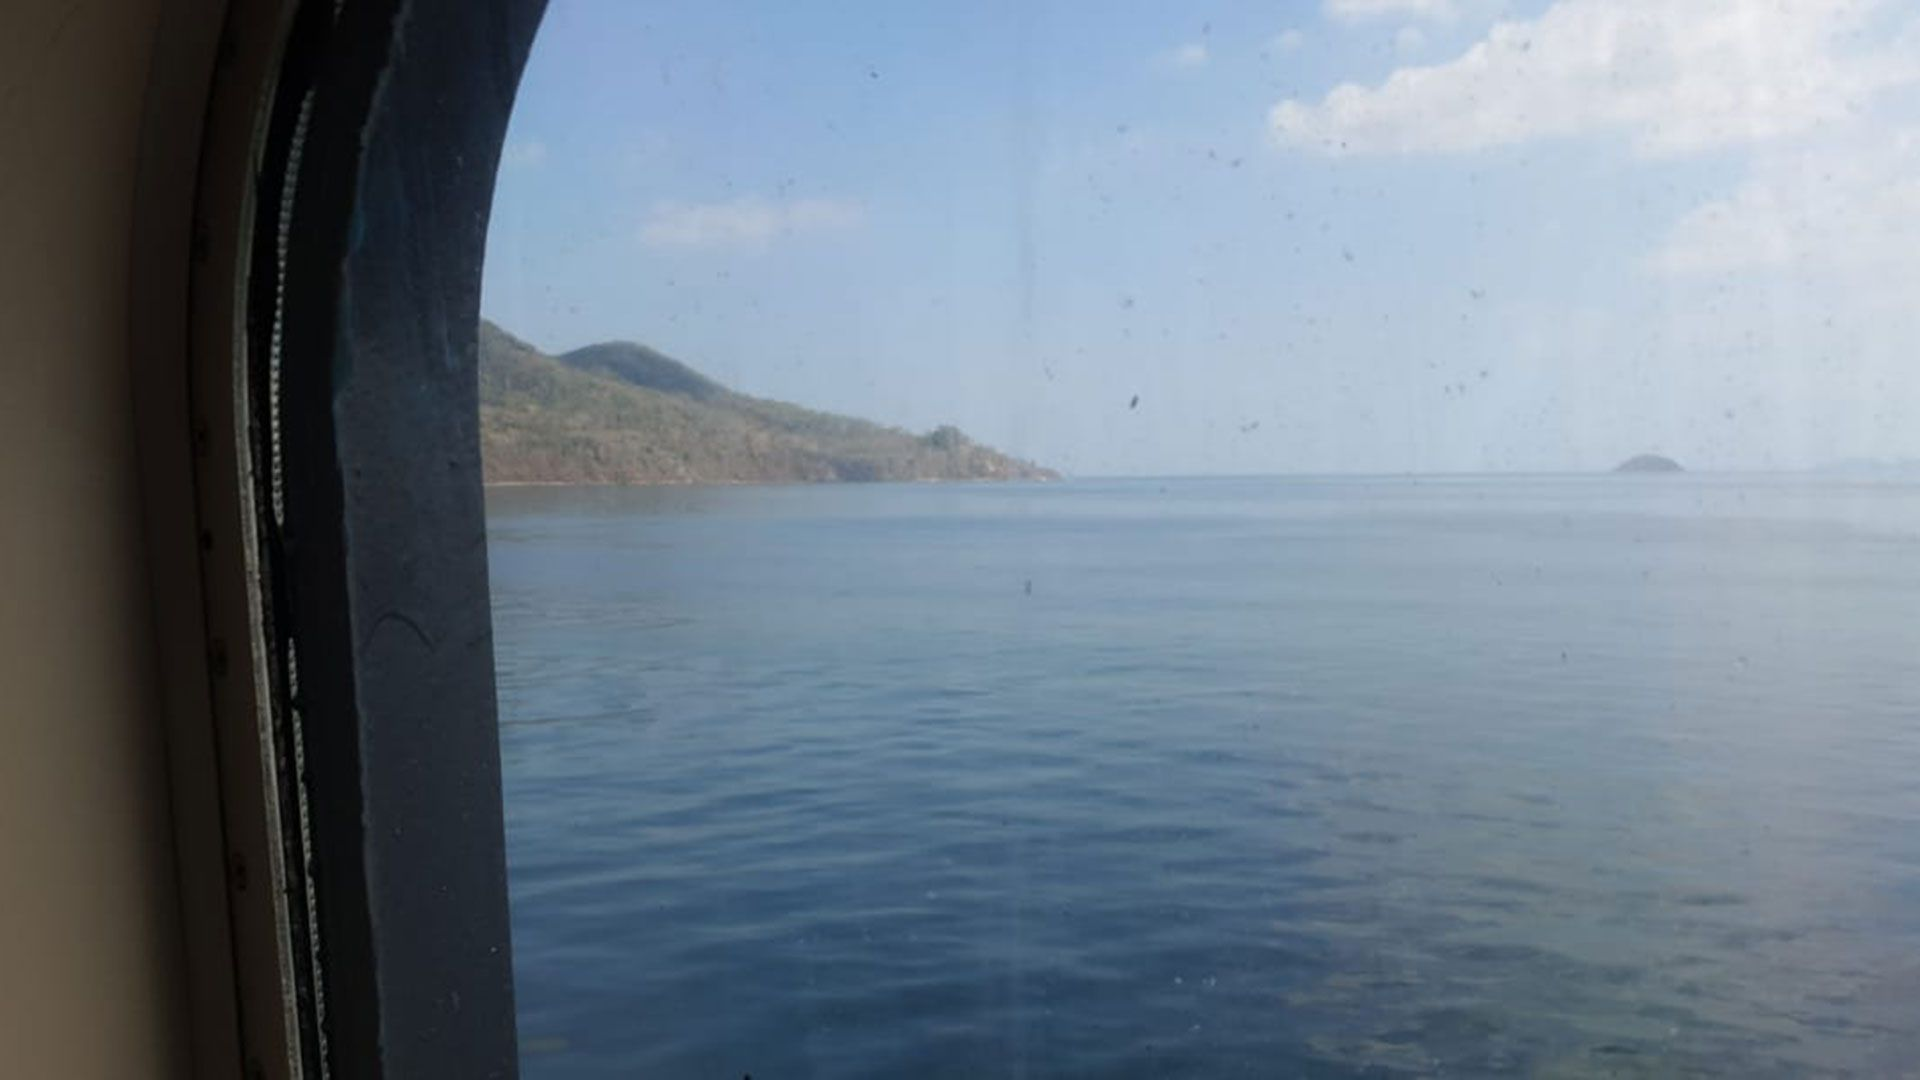 La vista desde uno de los camarotes que se encuentra atracado en las costas de Panamá